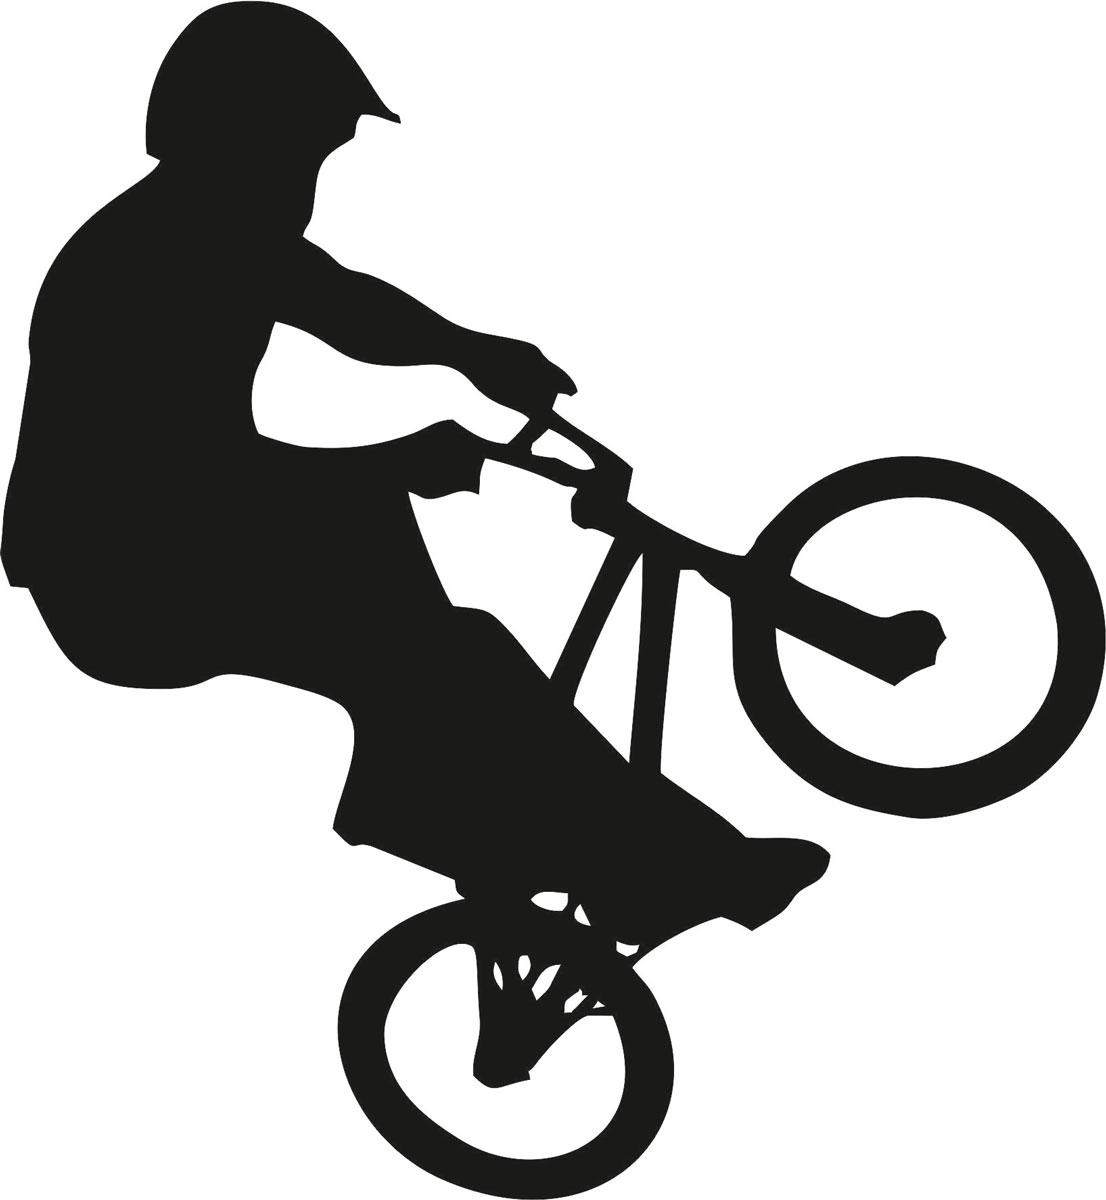 Наклейка автомобильная Оранжевый слоник Велосипед, виниловая, цвет: черный150SP00042BОригинальная наклейка Оранжевый слоник Велосипед изготовлена из высококачественной виниловой пленки, которая выполняет не только декоративную функцию, но и защищает кузов автомобиля от небольших механических повреждений, либо скрывает уже существующие.Виниловые наклейки на автомобиль - это не только красиво, но еще и быстро! Всего за несколько минут вы можете полностью преобразить свой автомобиль, сделать его ярким, необычным, особенным и неповторимым!